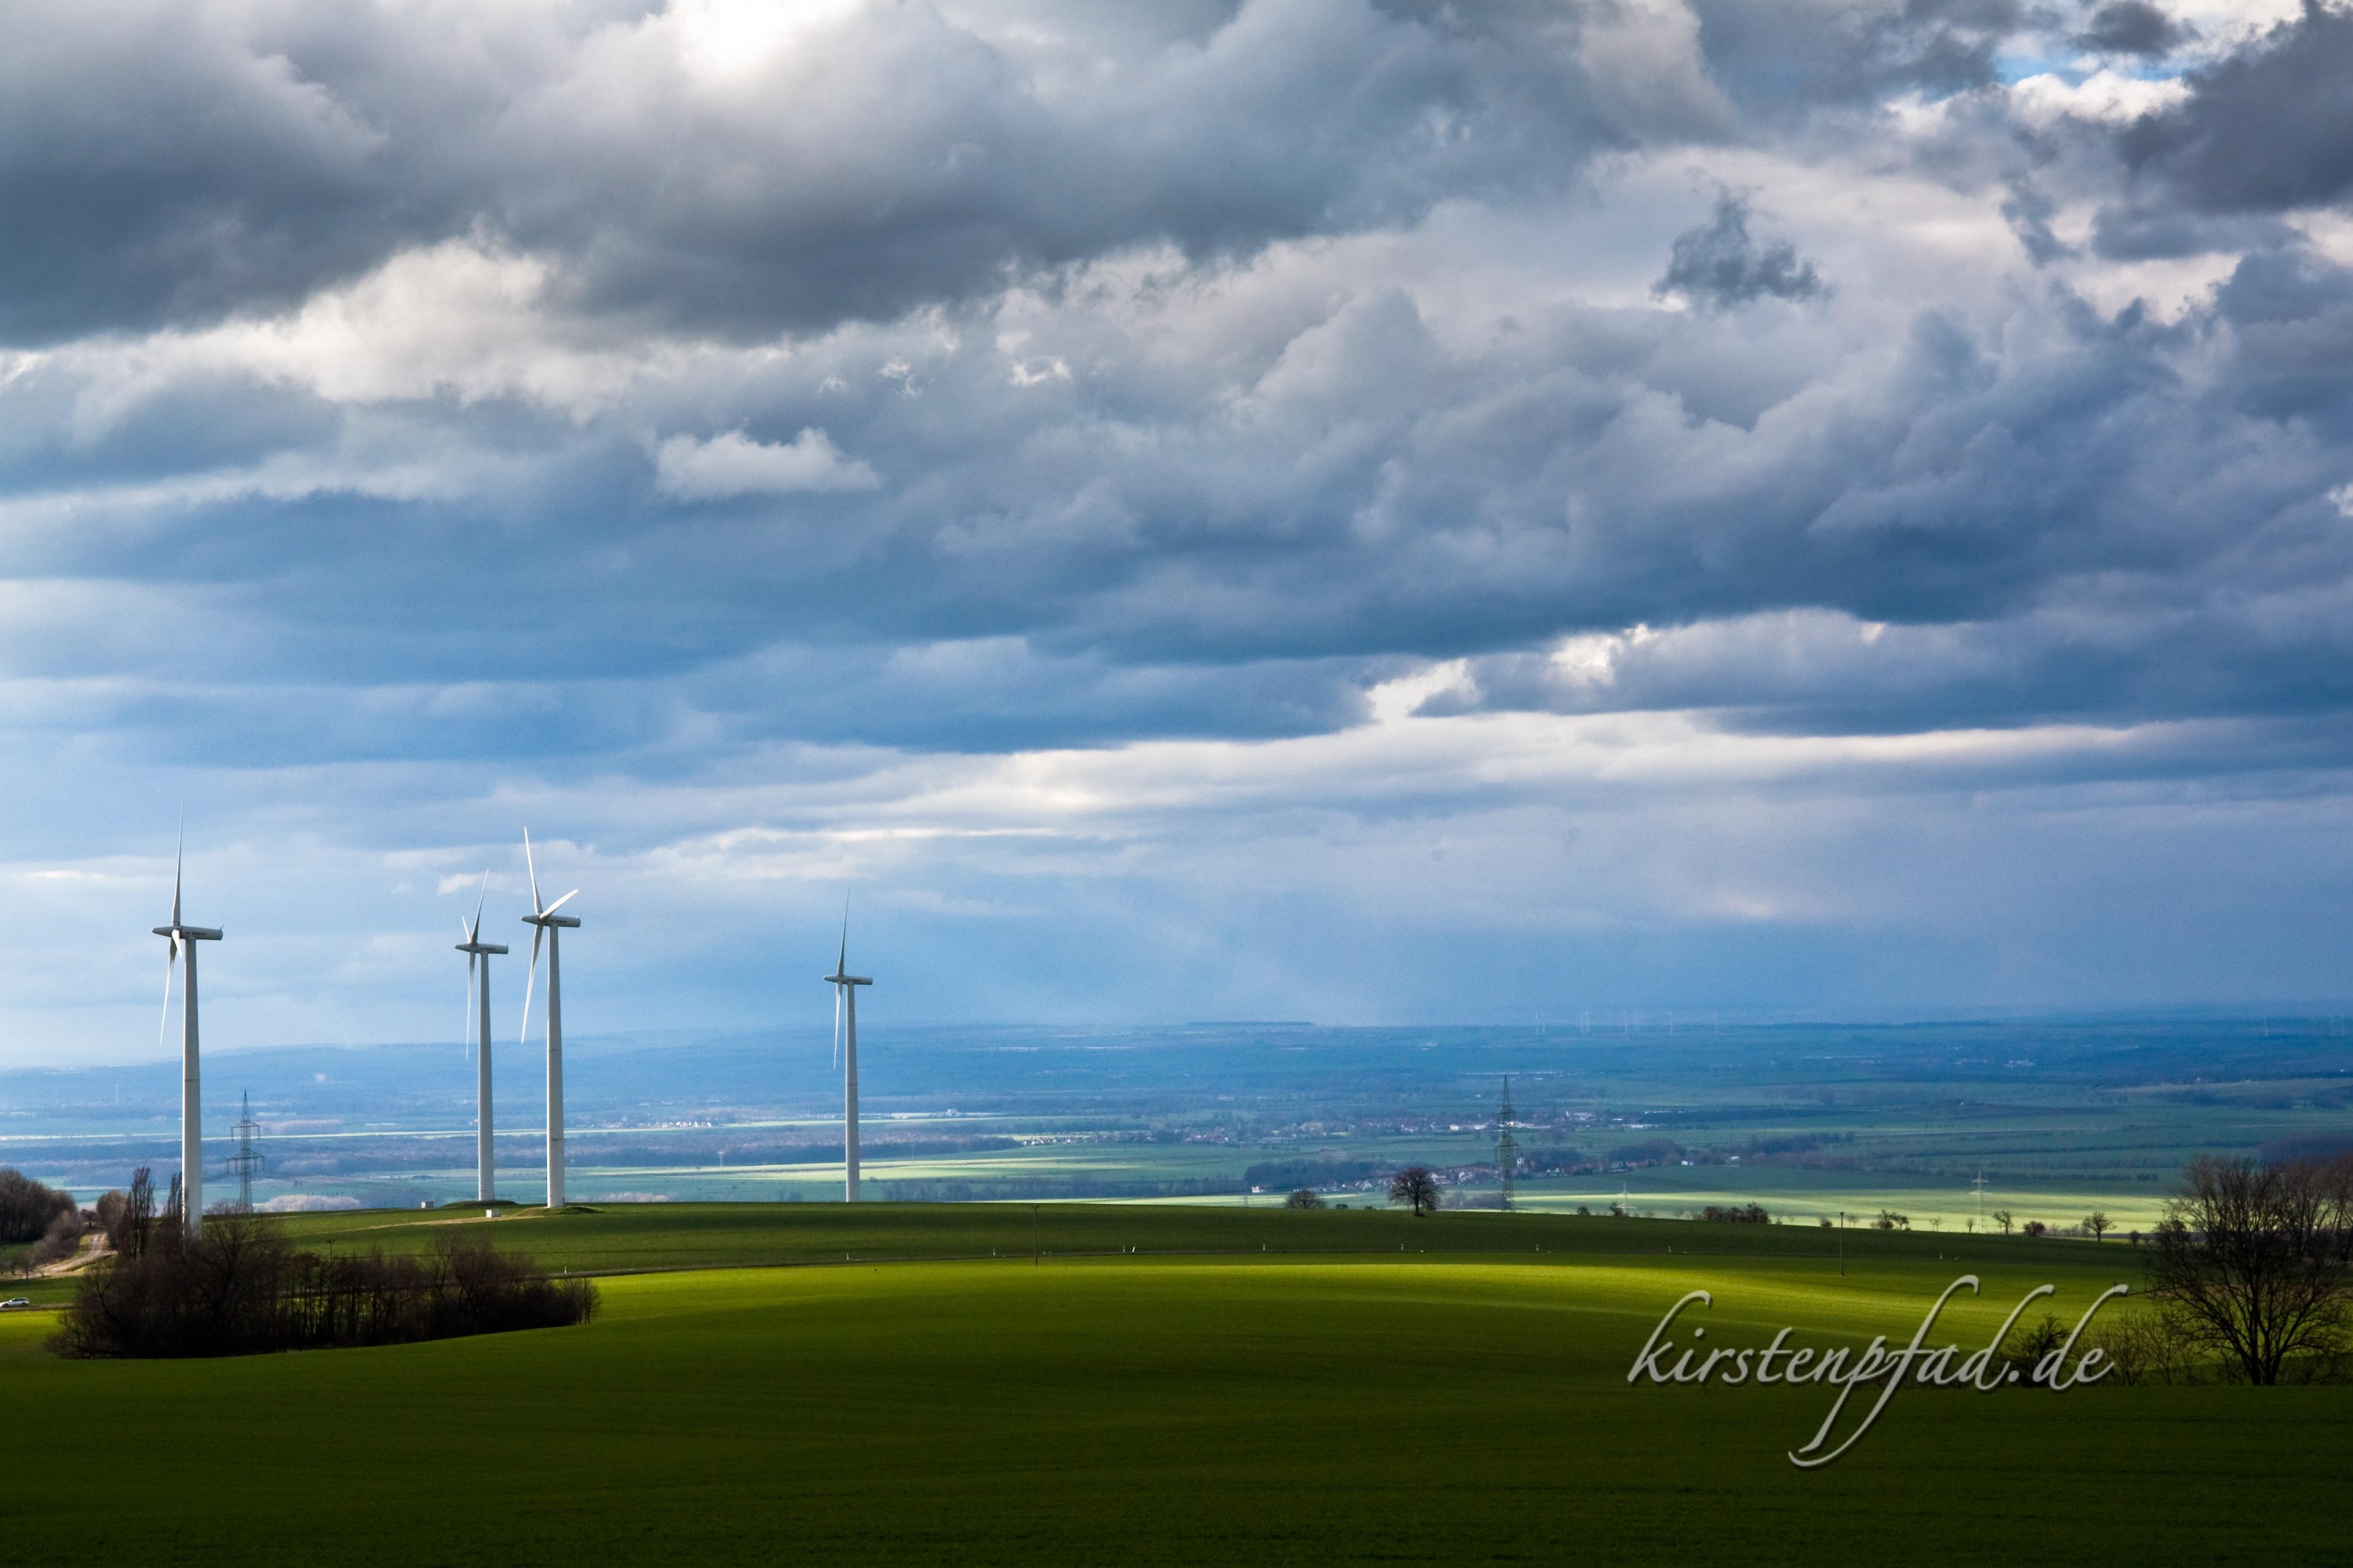 Windräder bei Buchenwald